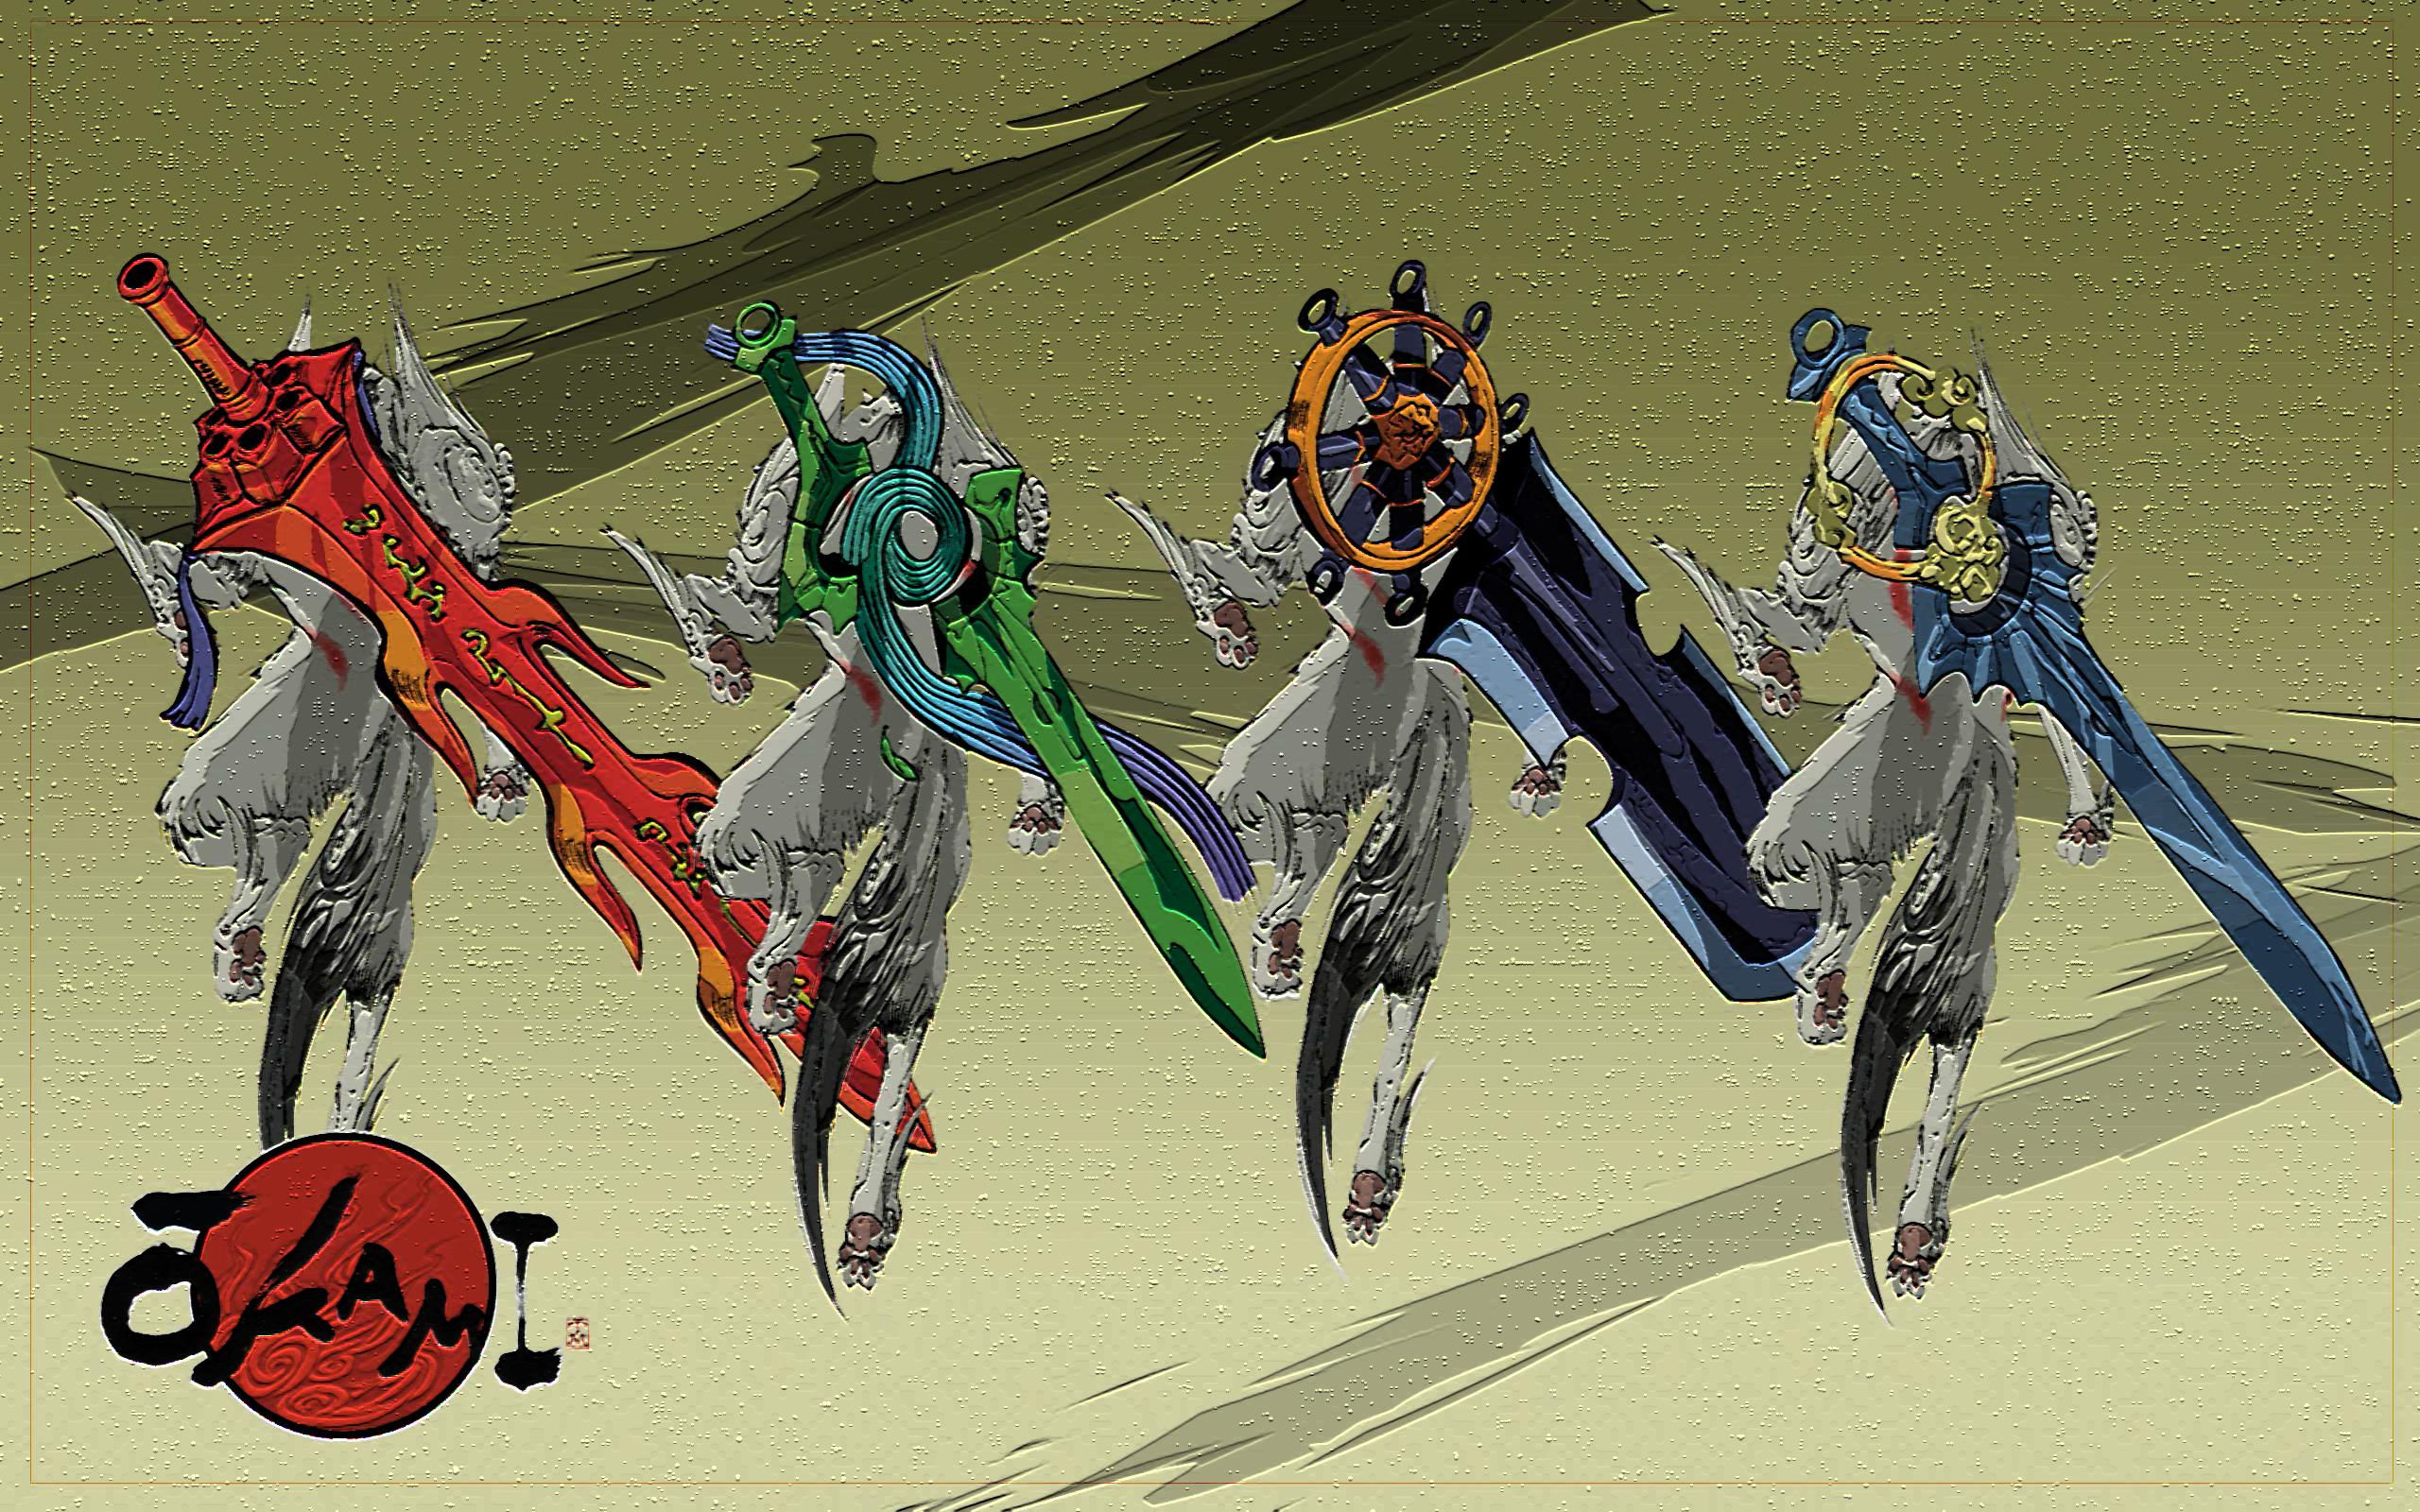 Okami Computer Wallpapers, Desktop Backgrounds 2560x1600 Id: 234880